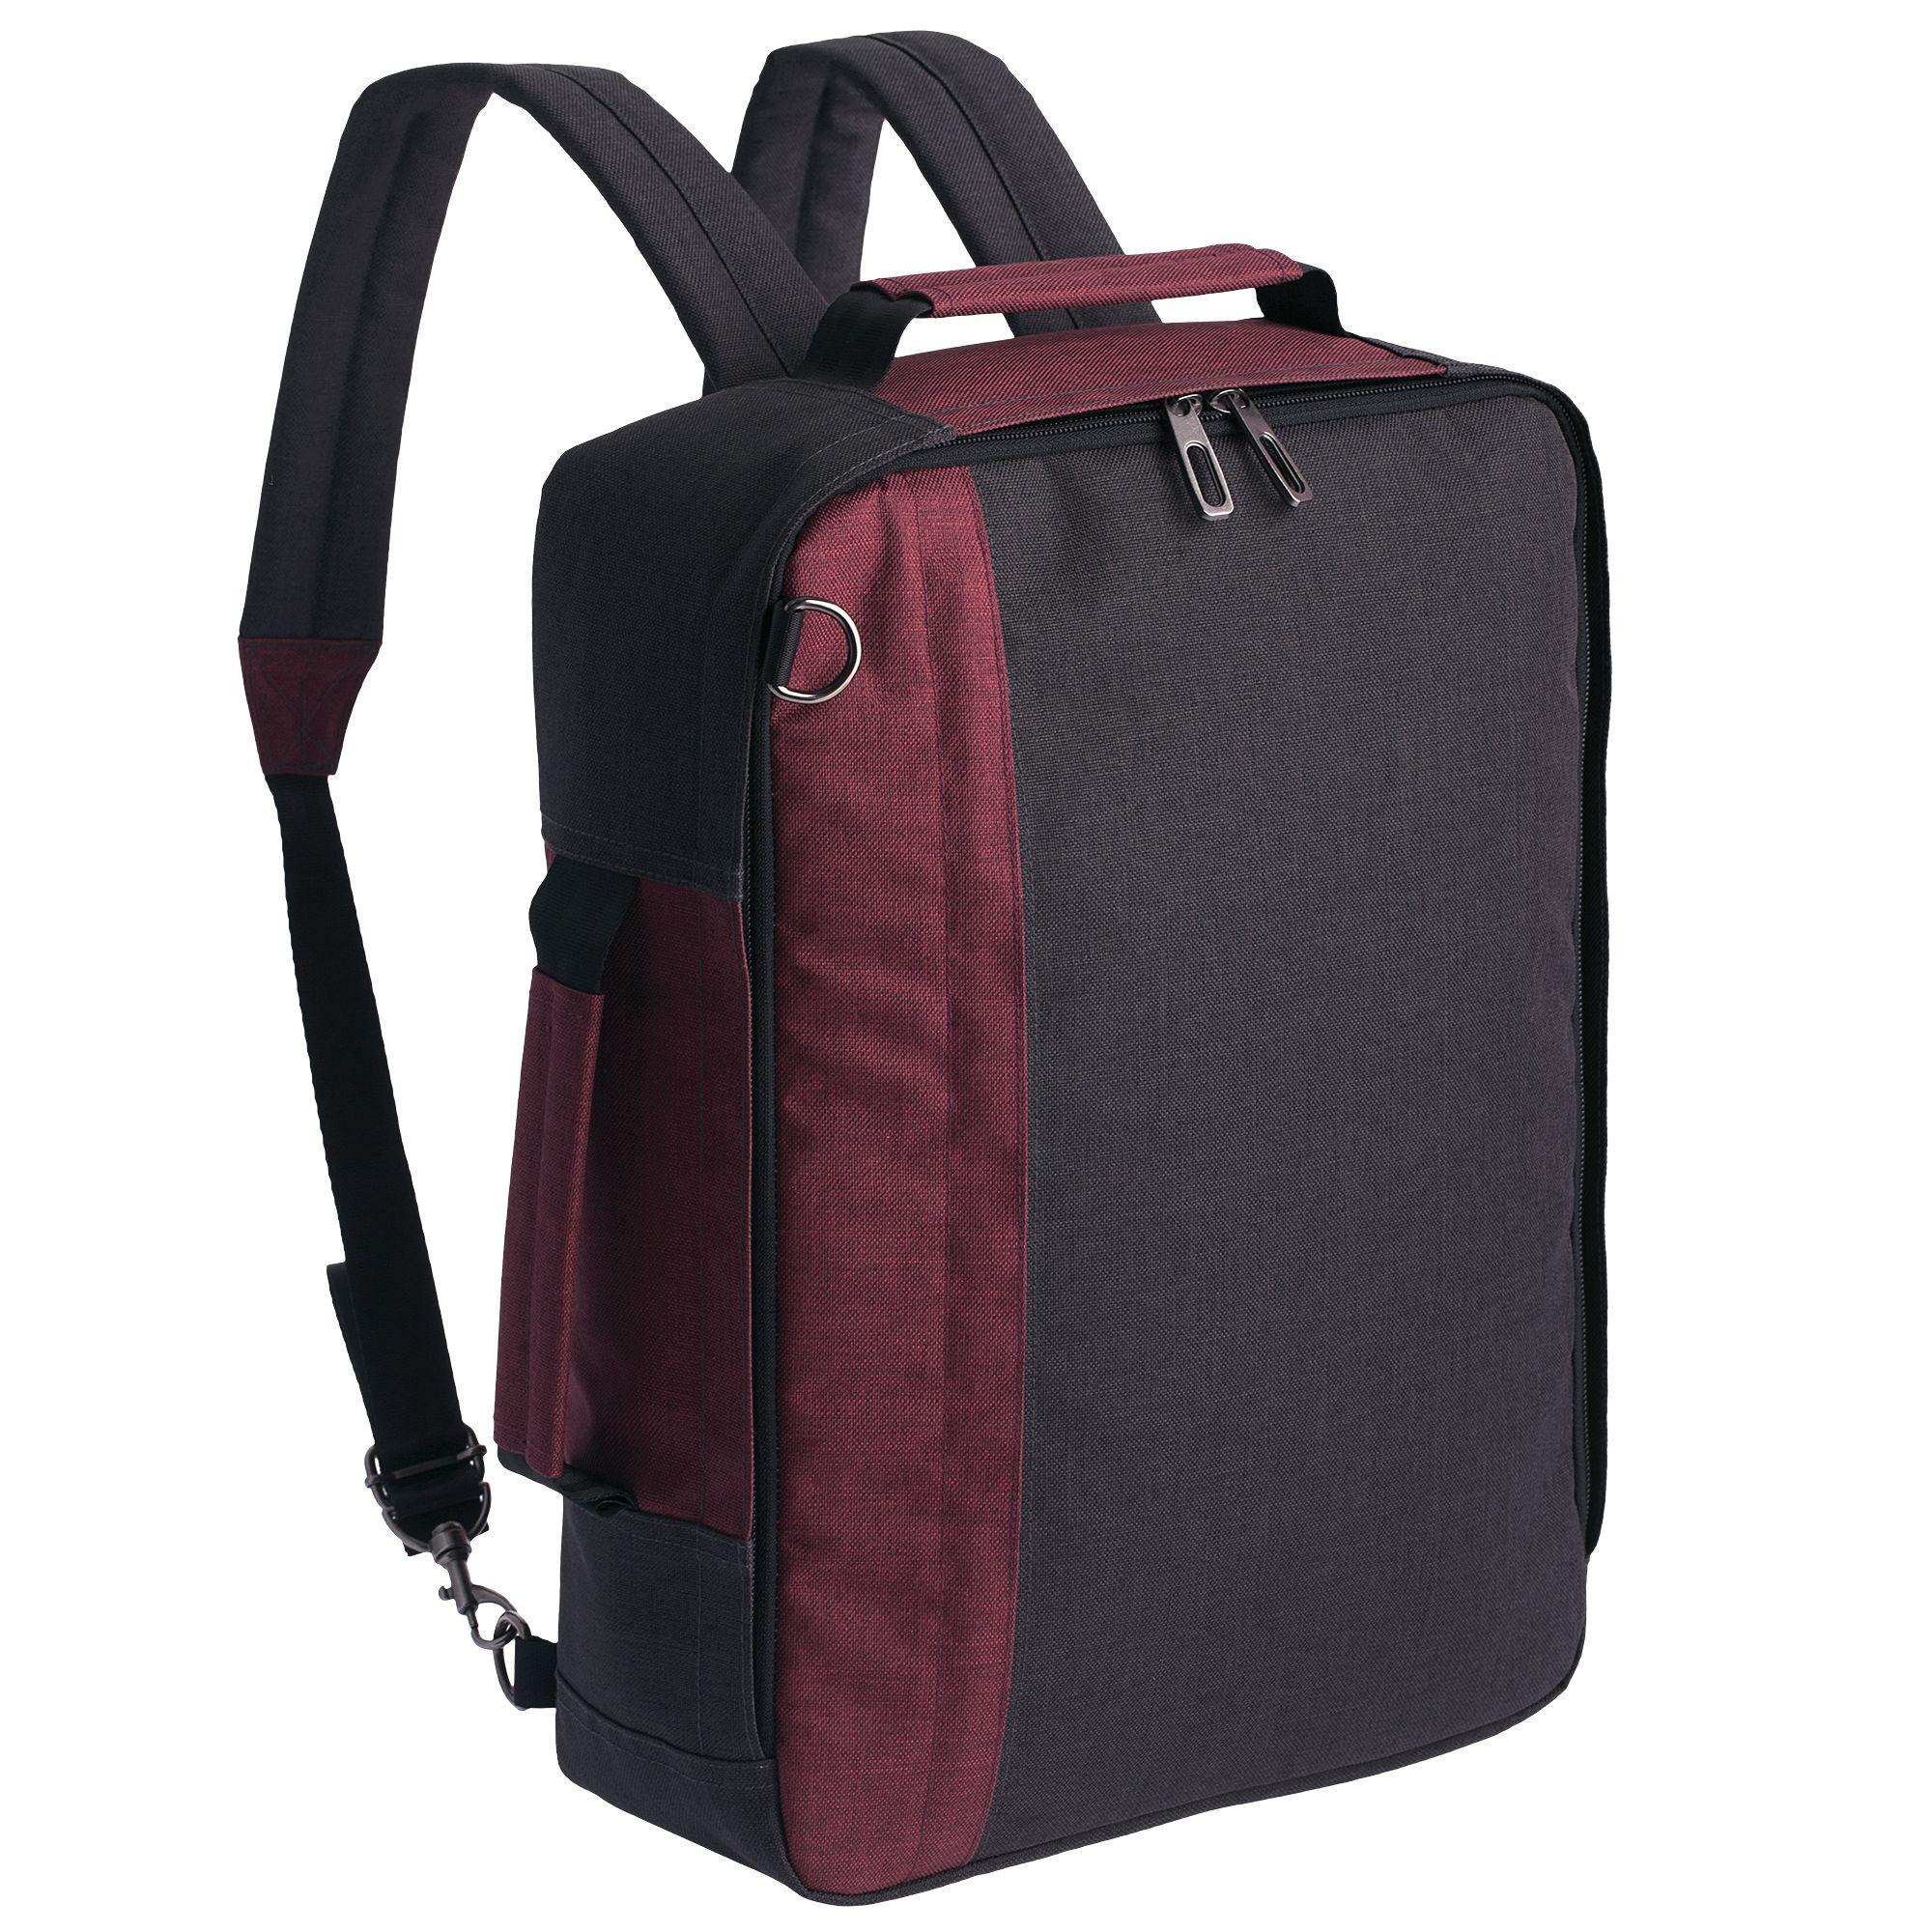 Рюкзак для ноутбука Indivo twoFold, бордовый, серый